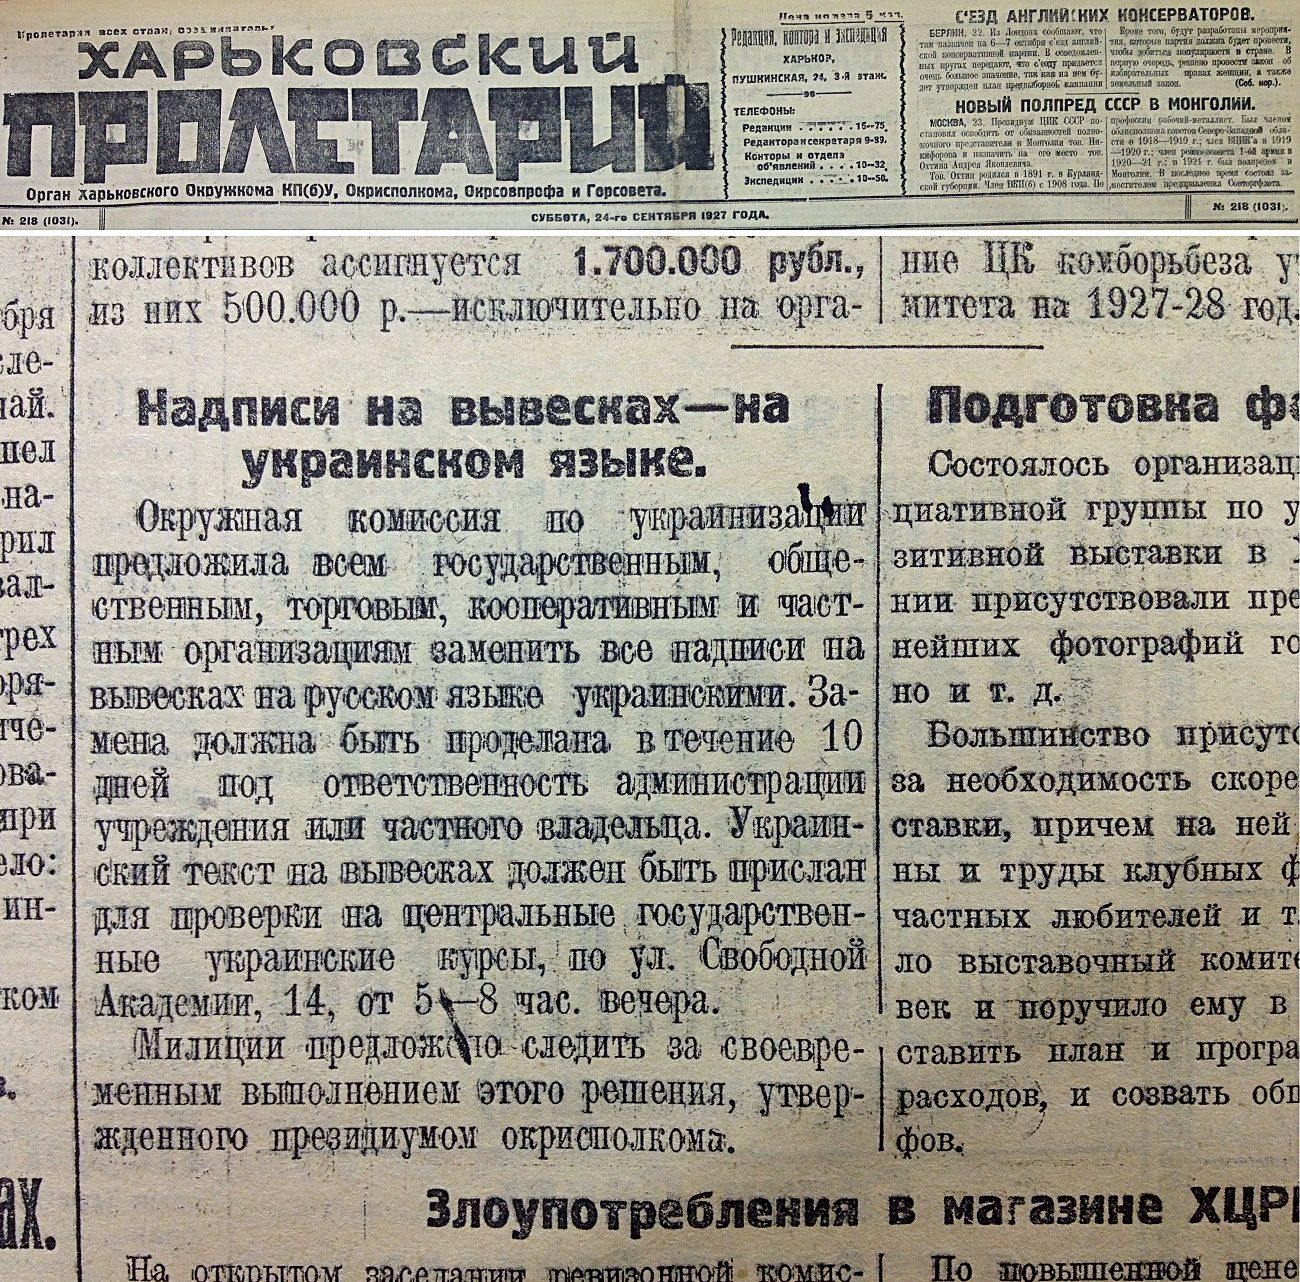 Харьковская пресса (разумеется, большевистская, т.